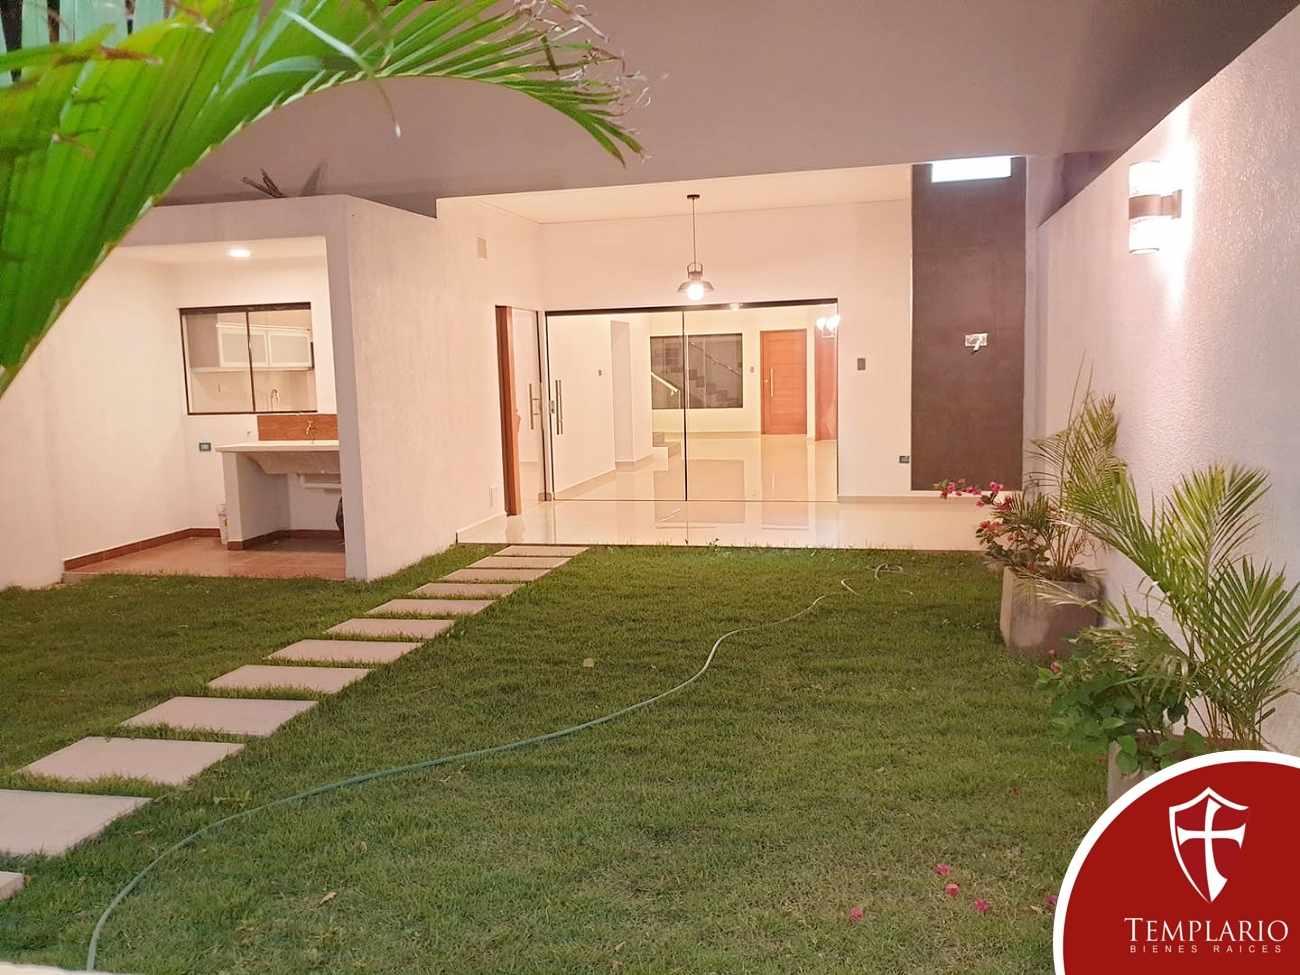 Casa en Venta Av. Santos Dumont 3er y 4to Anillo - Vecindario Residencial Foto 15